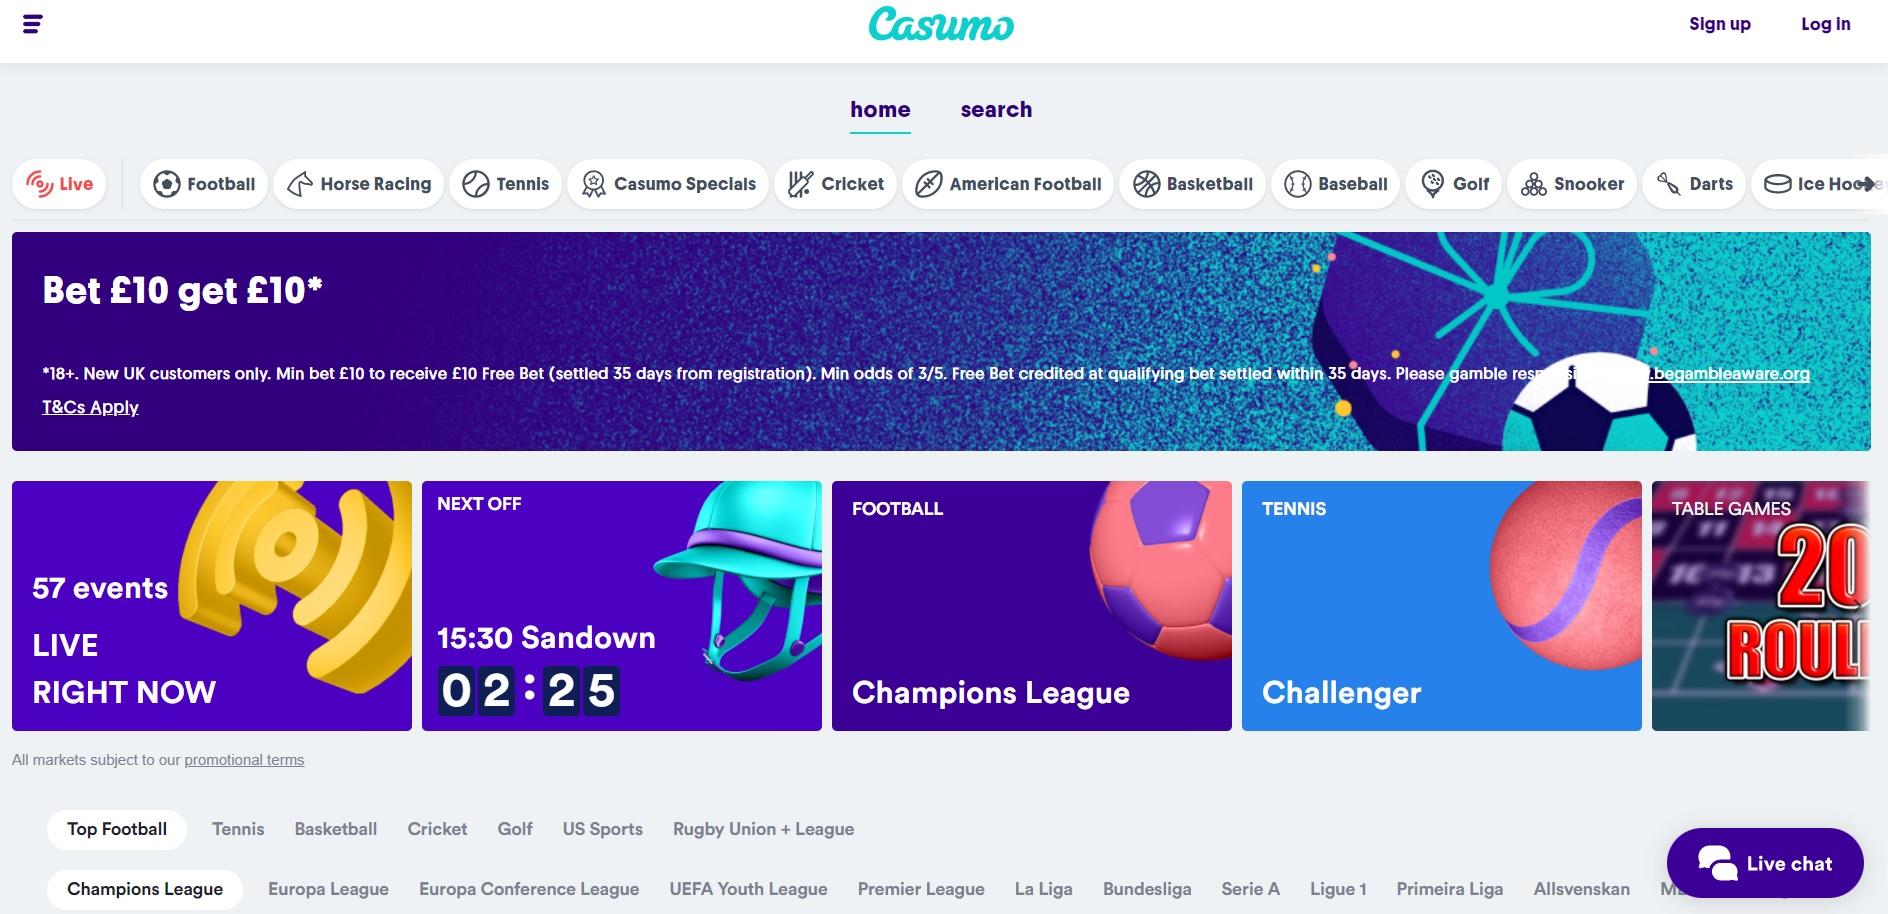 best betting sites UK Casumo